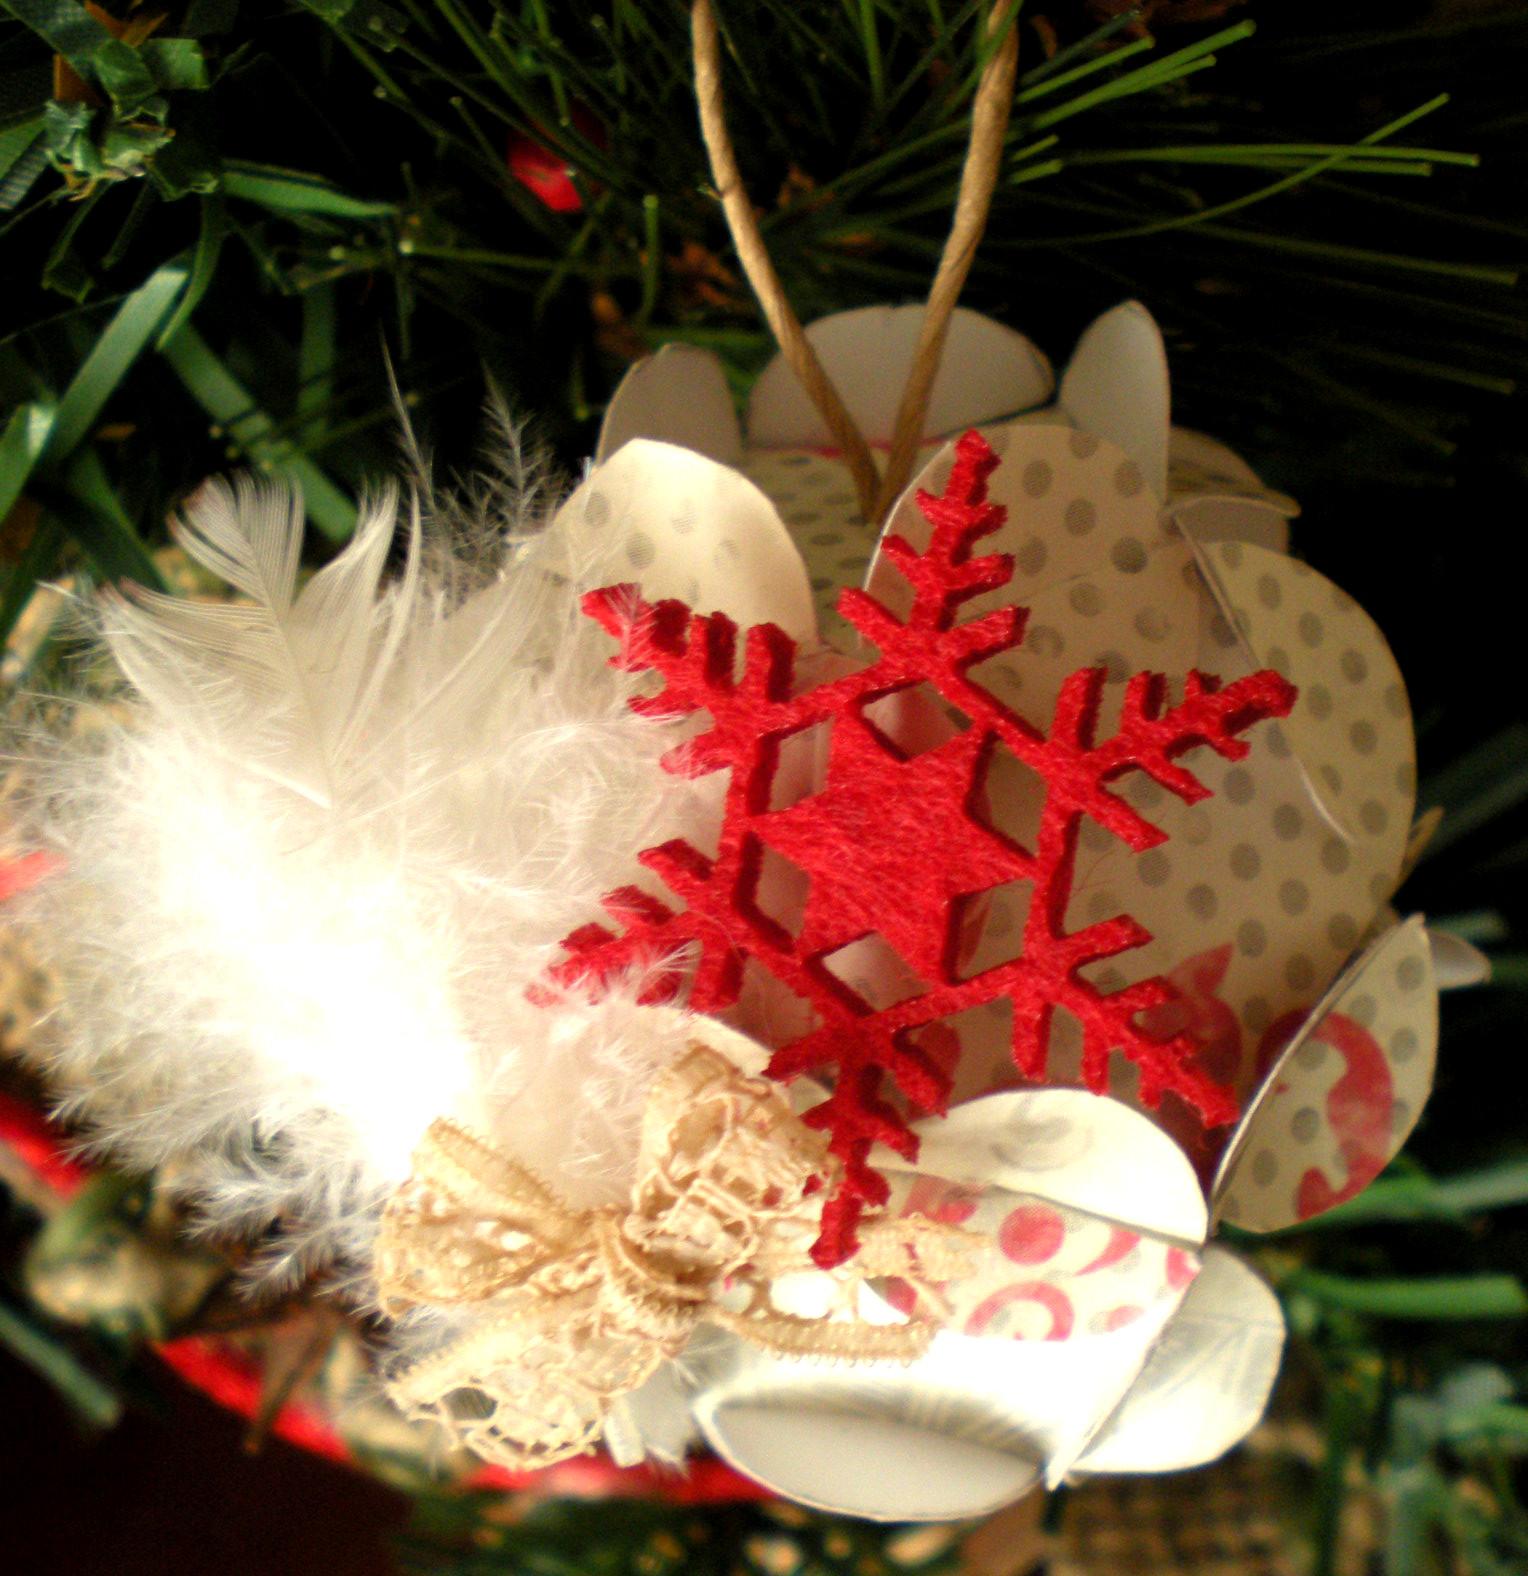 Se acerca la navidad...